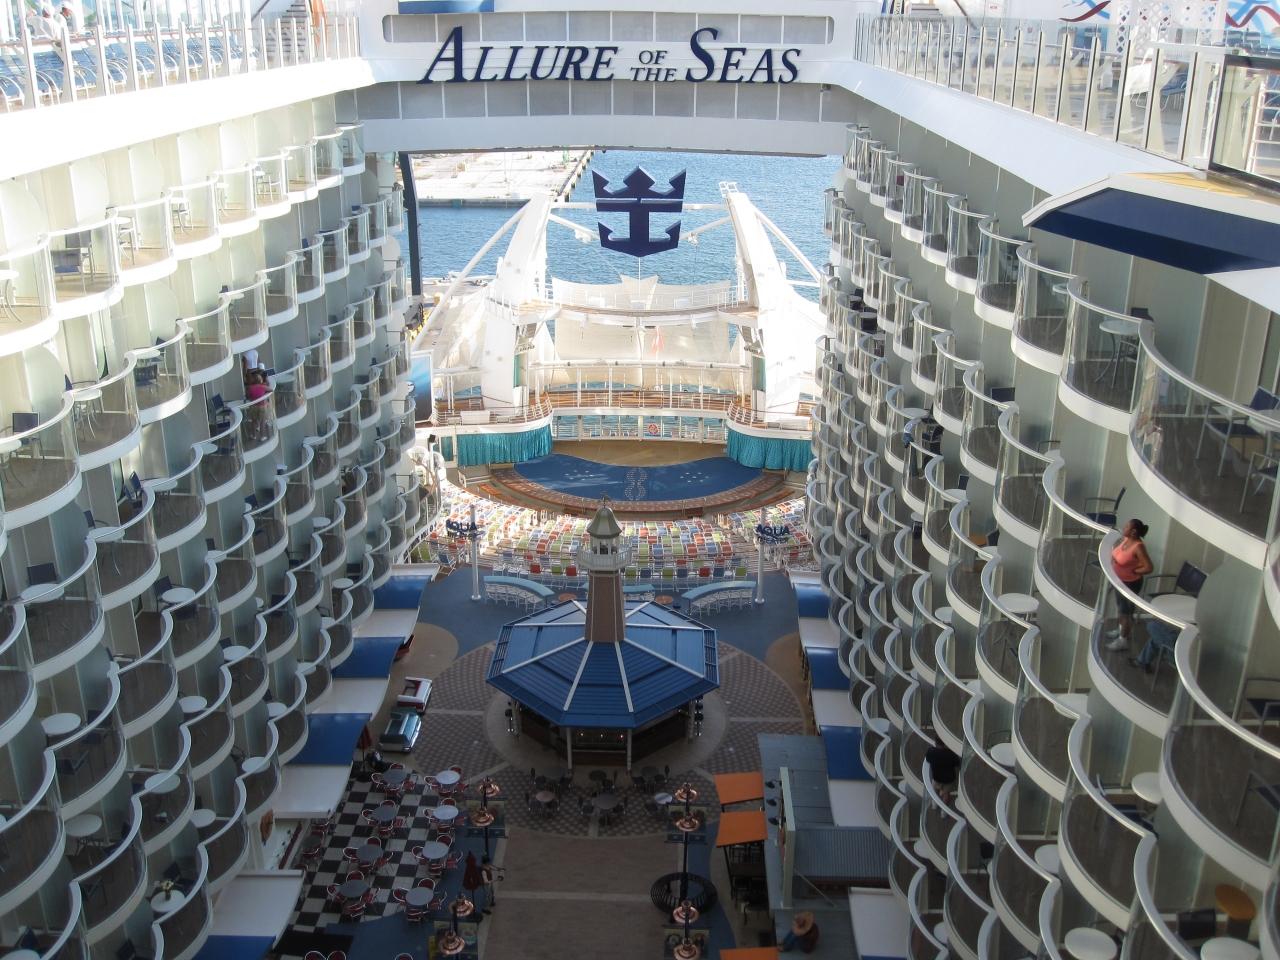 rci allure of the seas 西カリブ海クルーズの旅 5 day7終日